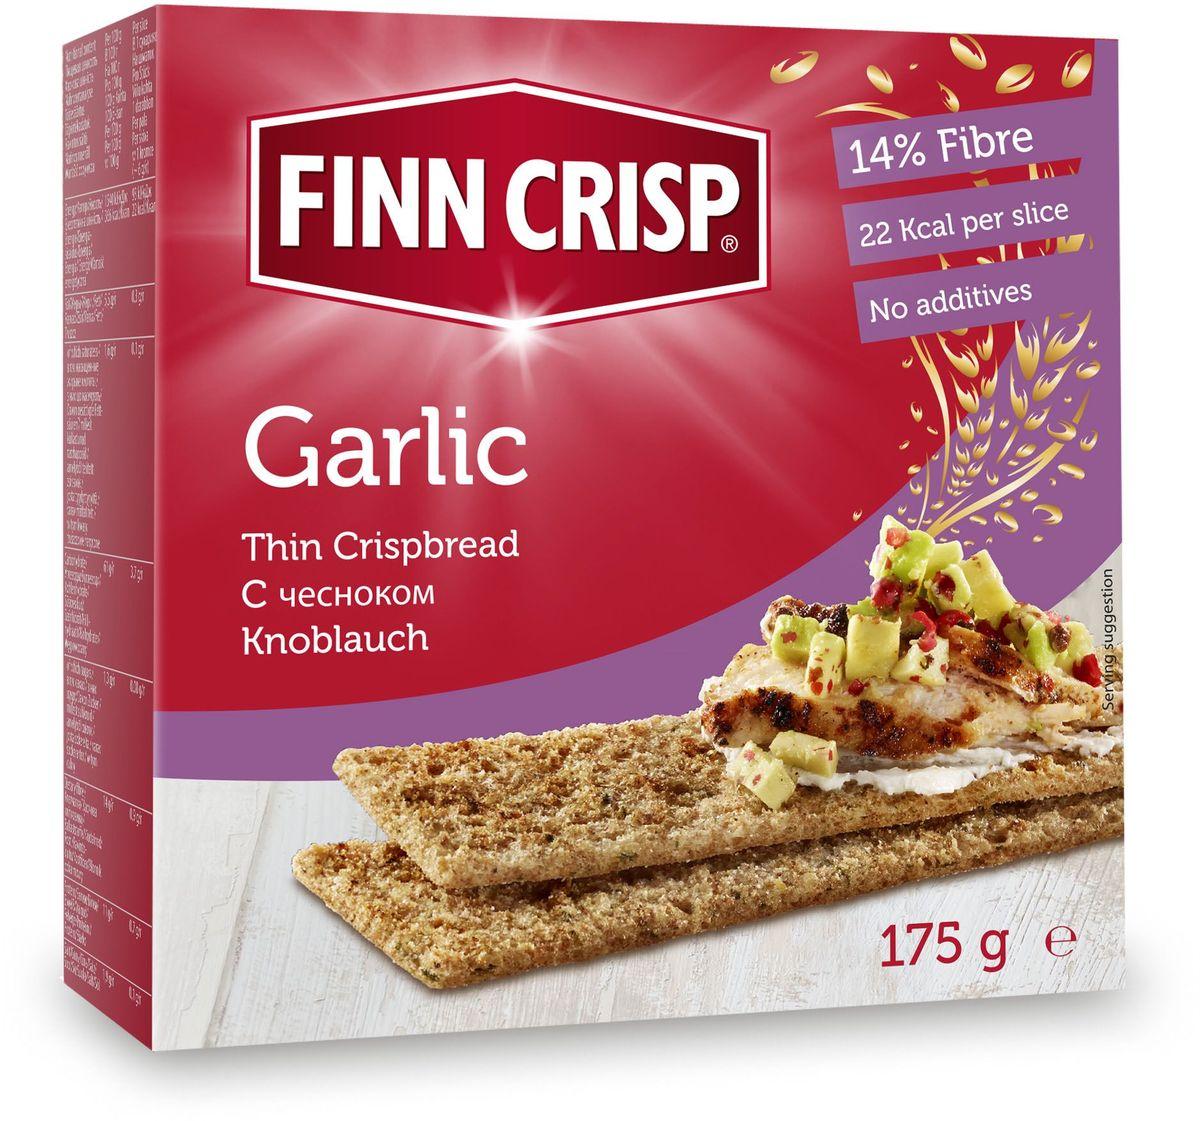 Finn Crisp Garlic хлебцы с чесноком, 175 г20126В 1952 году началось производство сухариков FINN CRISP (ФИНН КРИСП), когда стартовали Олимпийские Игры в Хельсинки (Финляндия).Многие годы натуральные ржаные сухарики FINN CRISP отражают дух Финляндии для миллионов покупателей по всему миру, заботящихся о здоровом питании. Высушивать хлеб - давняя финская традиция и FINN CRISP до сих пор придерживаются этой традиции создавая хлебцы по старому классическому финскому рецепту.Бренд FINN CRISP принадлежит компании VAASAN Group's.VAASAN - это крупнейшая хлебопекарная компания в Балтийском регионе со столетней историей, занимающаяся производством продукции для правильного и здорового питания. Занимающая второе место по производству сухариков и хлебцев, а её продукция экспортируются в более чем 50 государств!